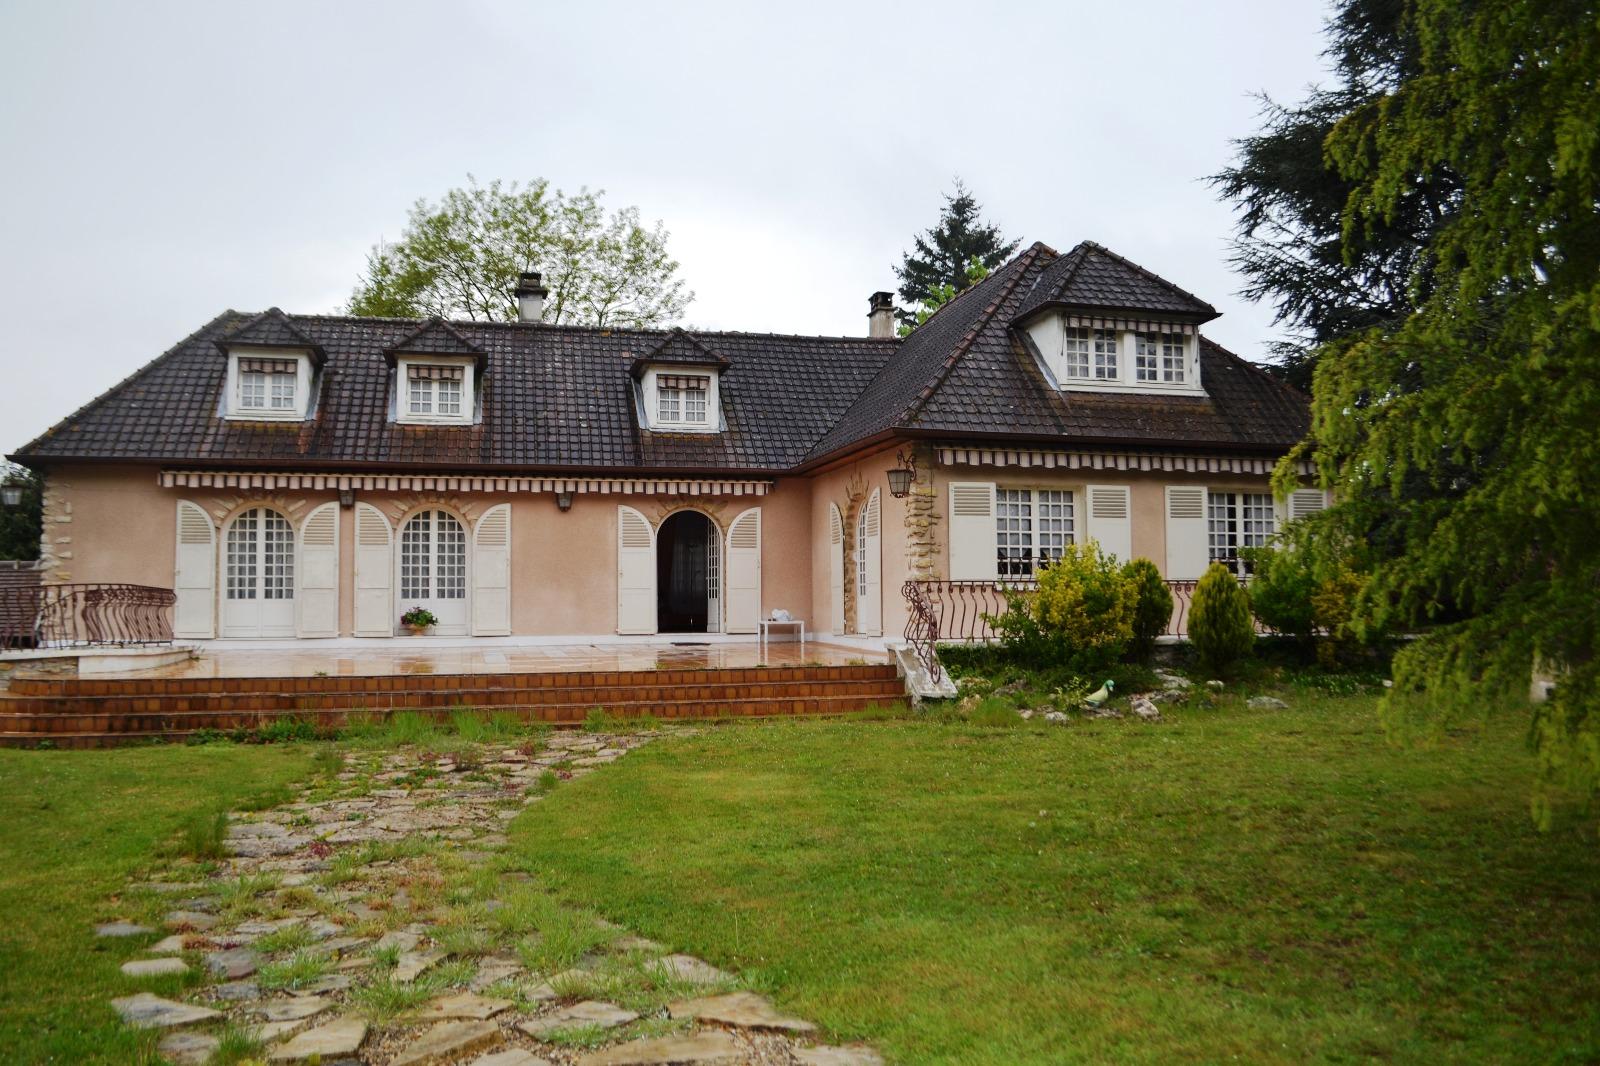 Maison avec tour carre maison camille with maison avec for Maison moderne carre